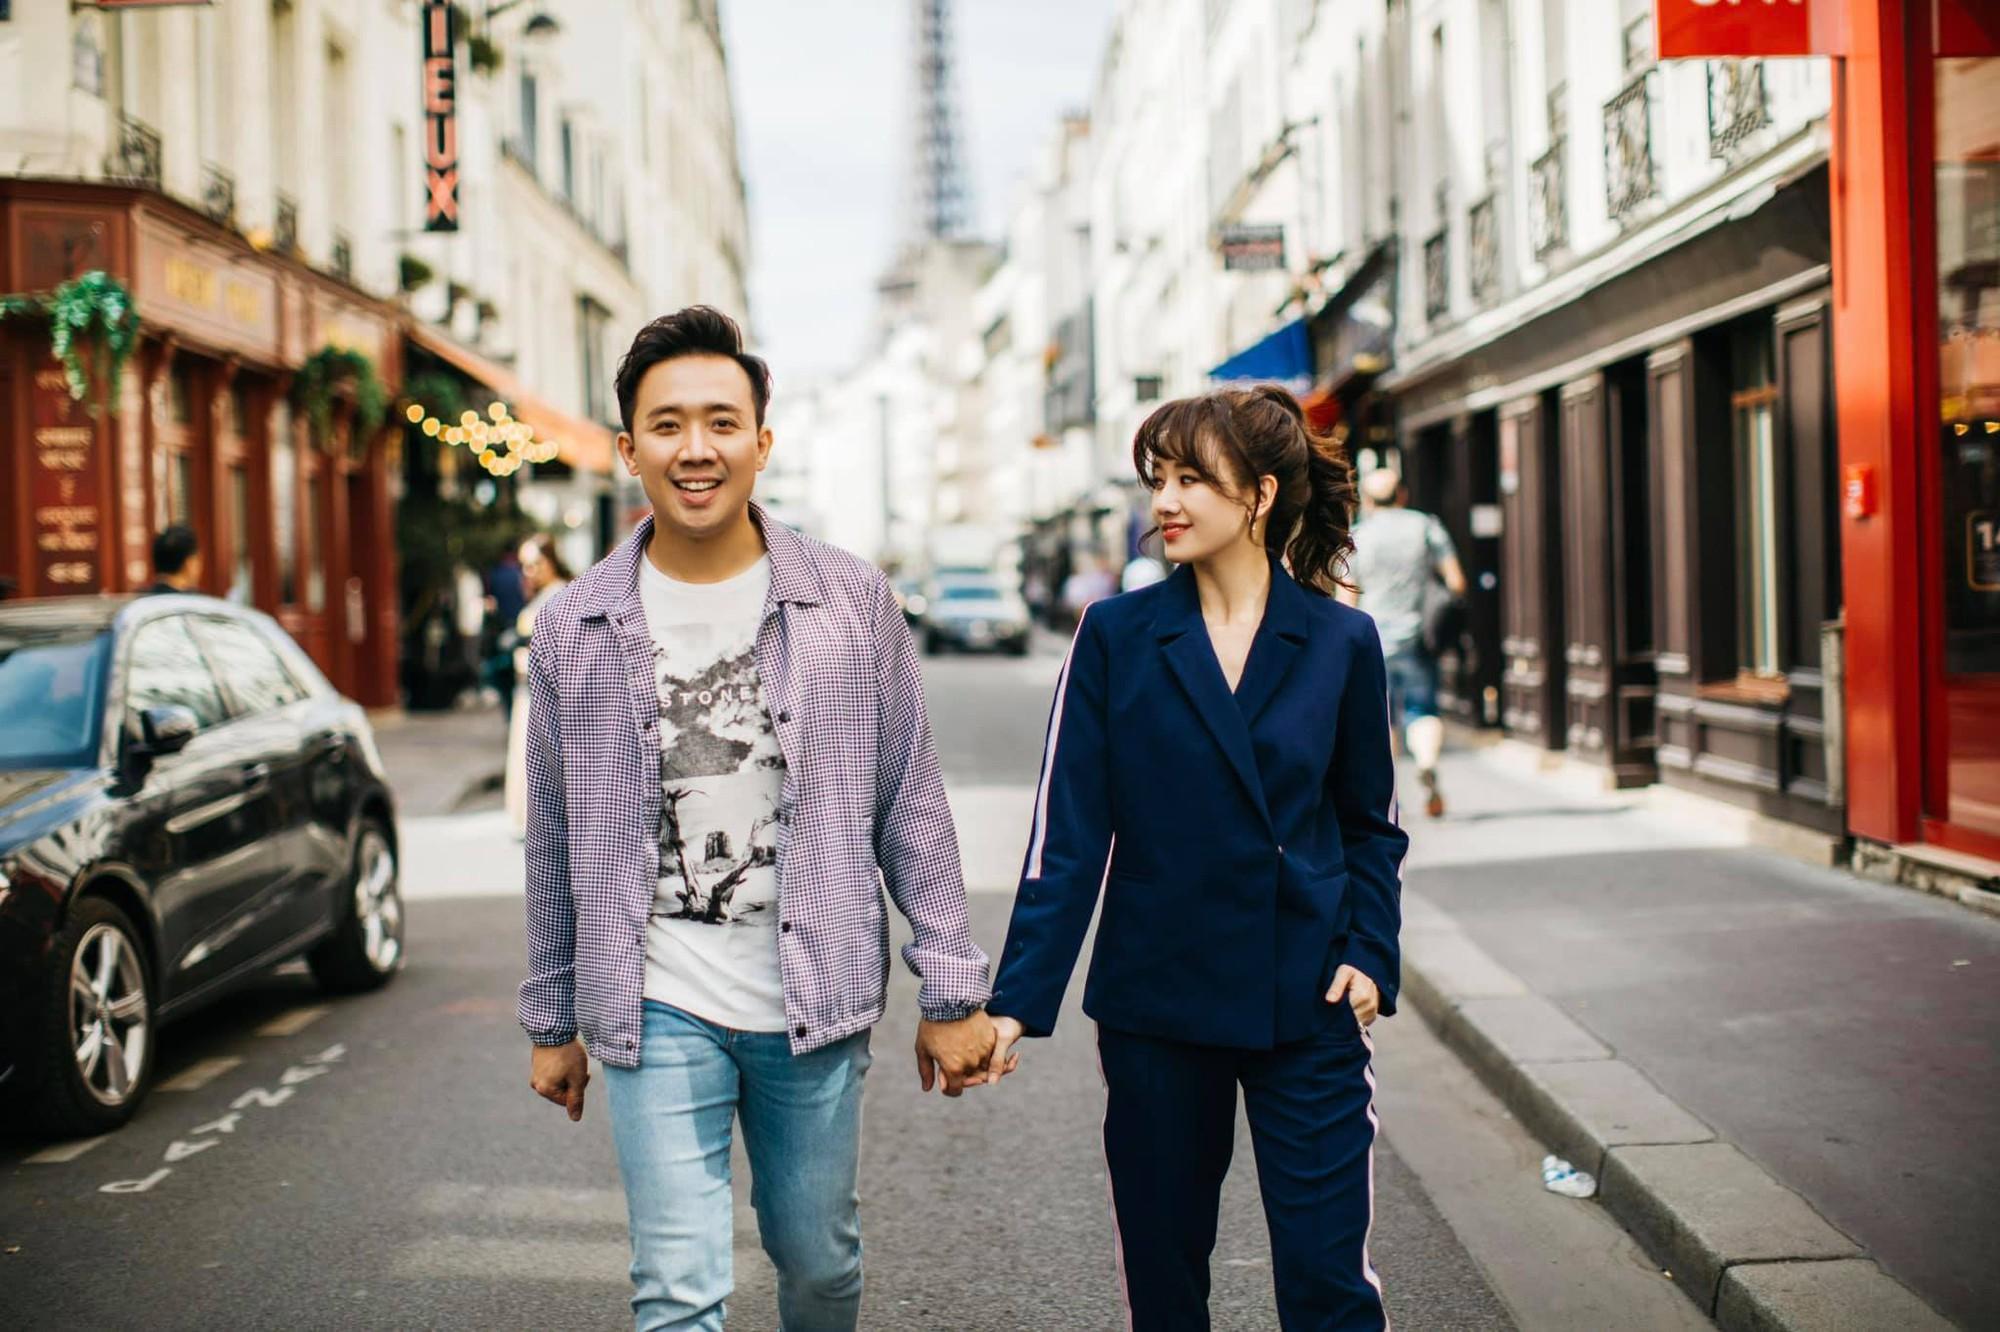 Ngắm trọn bộ ảnh đẹp như phim Hàn của Trấn Thành - Hari Won tại Paris hoa lệ - Hình 4